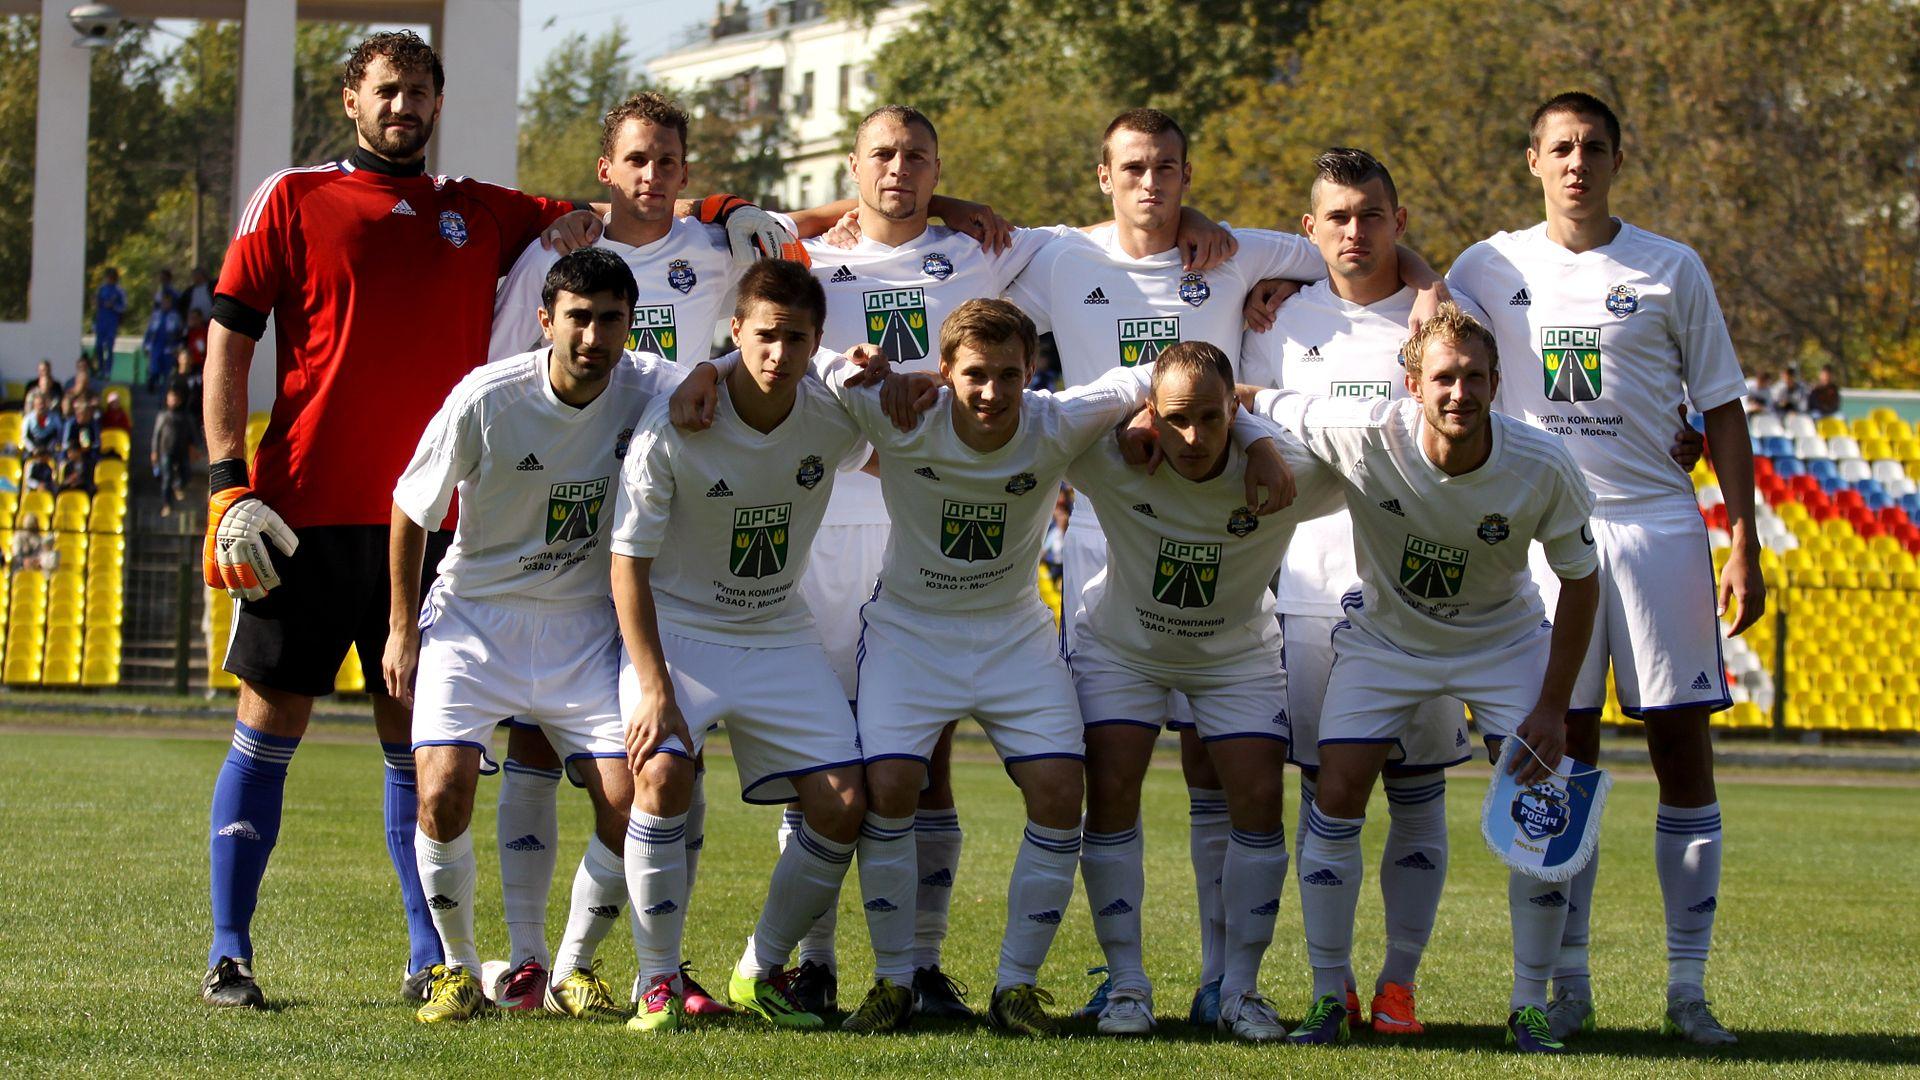 Футбольный клуб «Росич» одержал победу в двух последних турах Первенства России